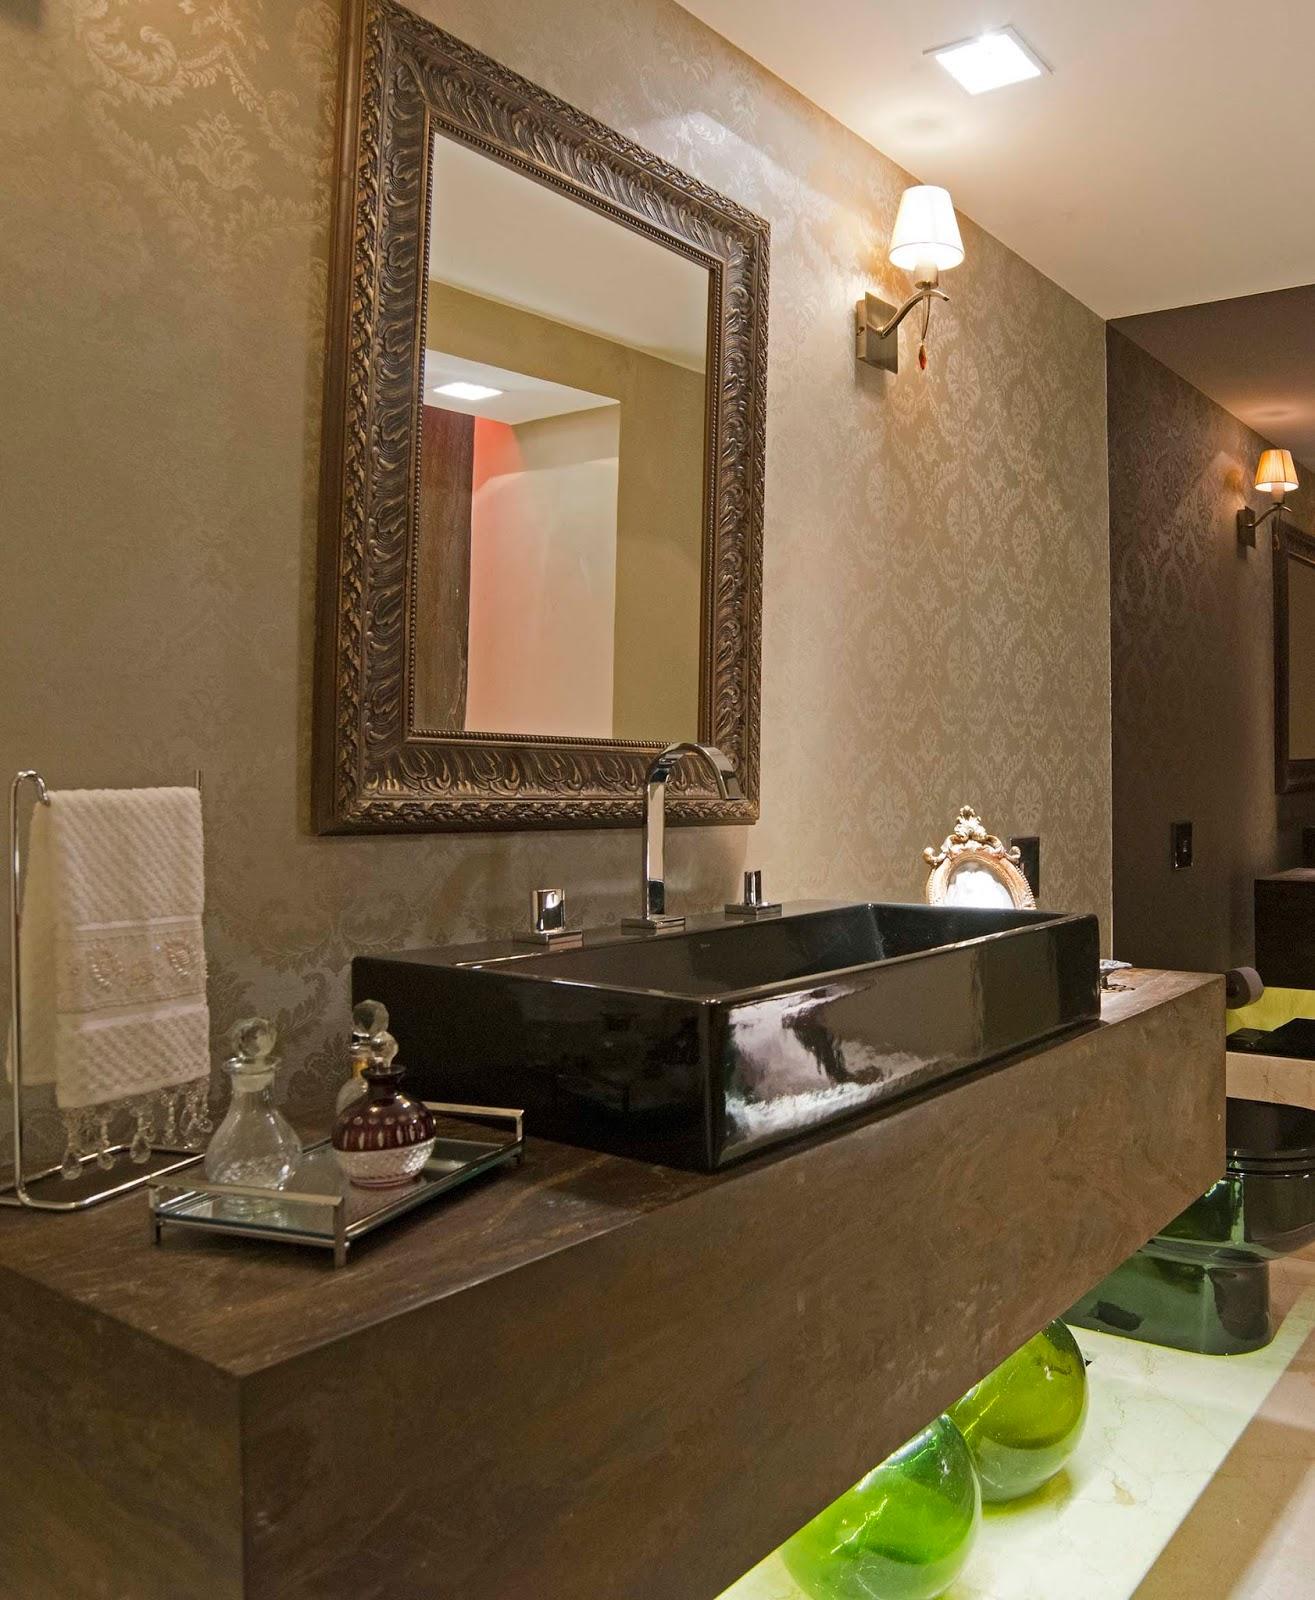 decoracao de lavabos antigos: Clean: Lavabos/Banheiros Clássicos com  #89B318 1315x1600 Banheiro Antigo Decoração